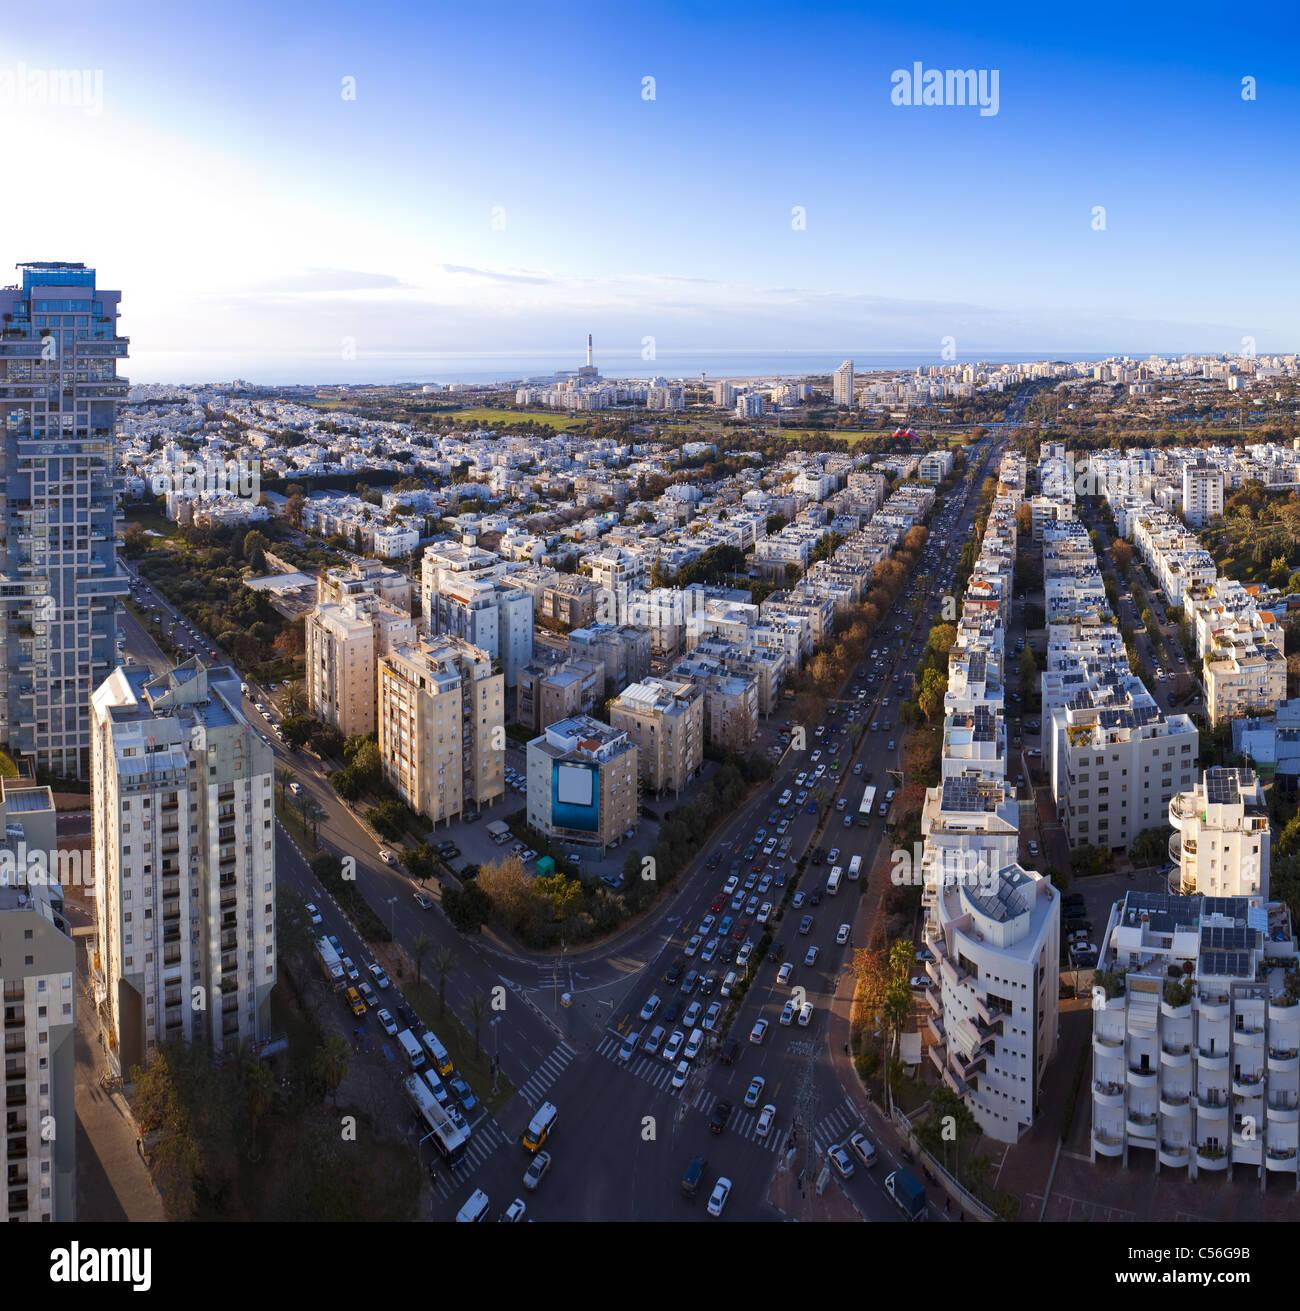 Tel Aviv skyline at sunset / Aerial view of Tel Aviv Stock Photo